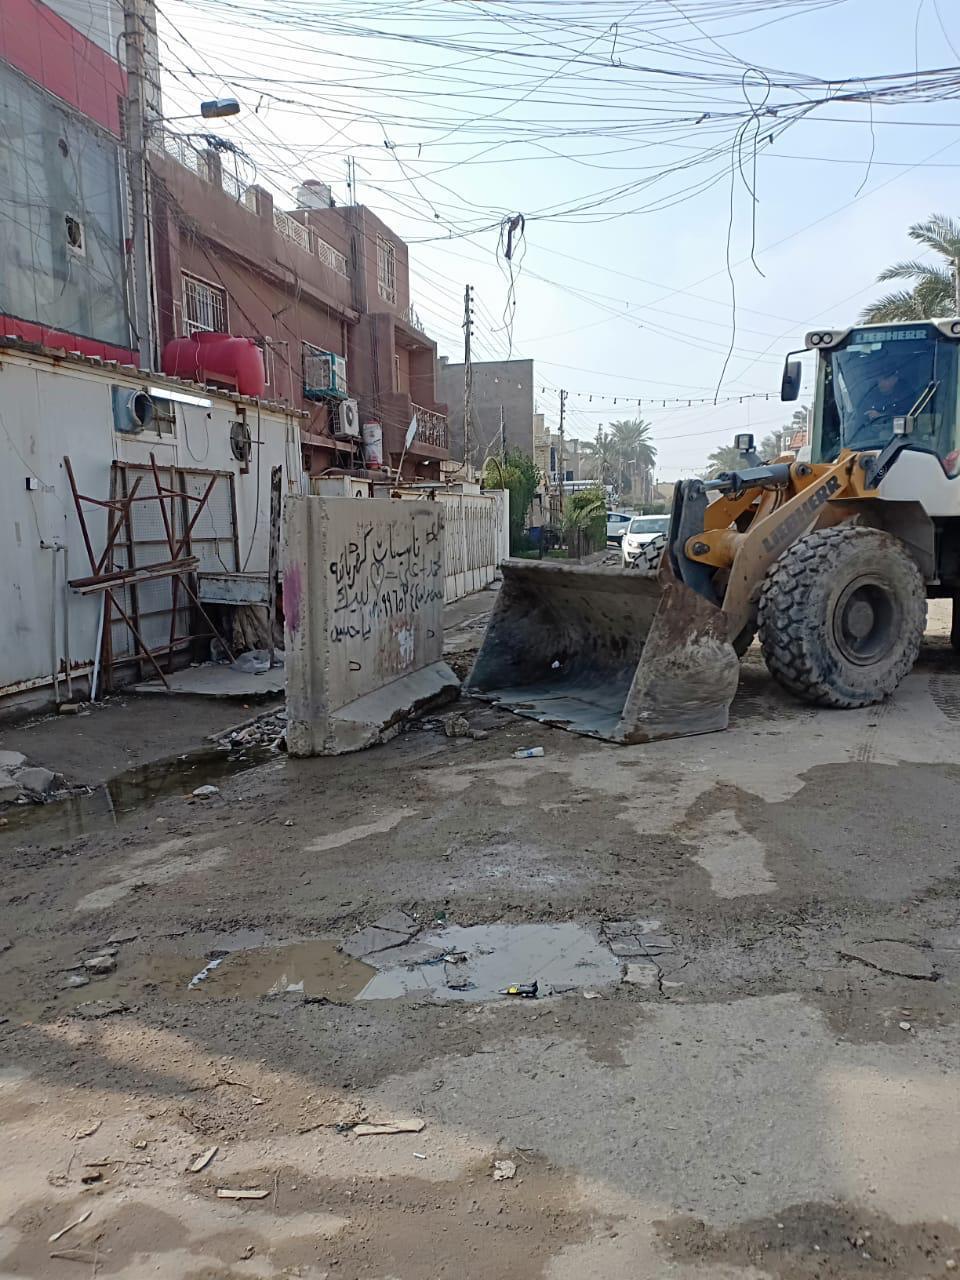 إفتتاح 13 زقاقاً مغلقاً منذ 10 سنوات في بغداد